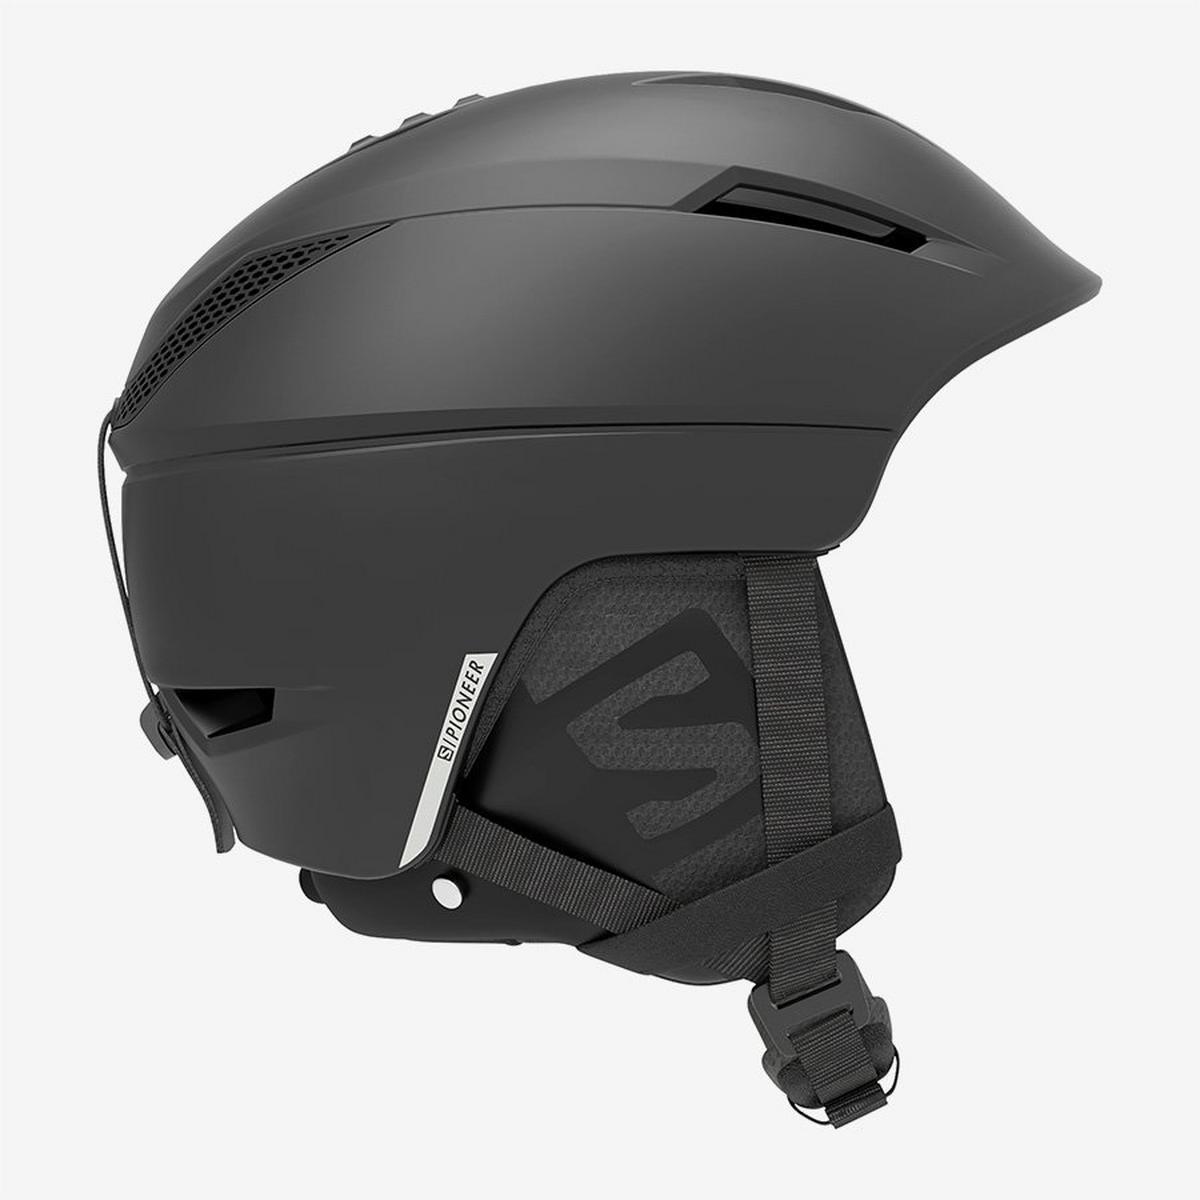 Salomon Pioneer C.Air MIPS Helmet